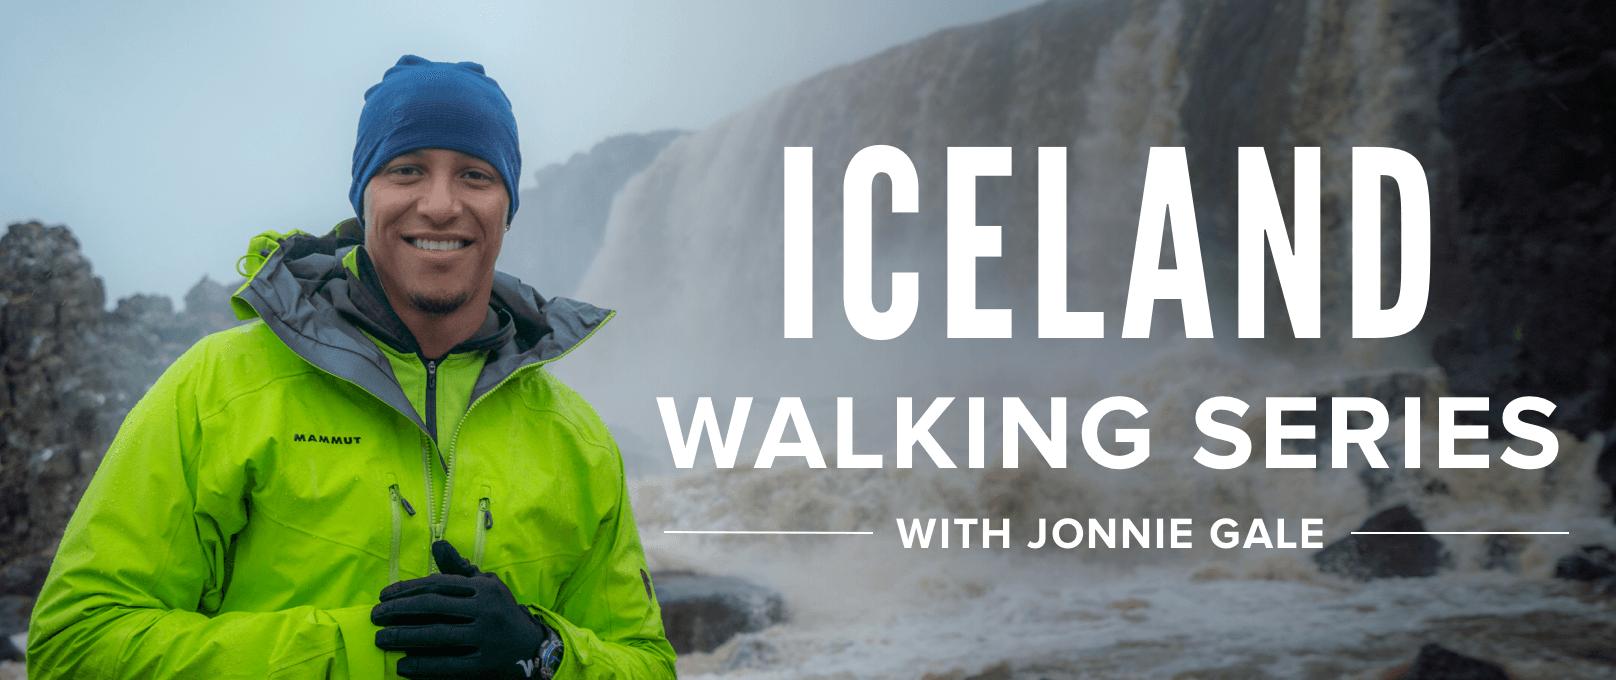 iFit Iceland Walking Series walking workouts